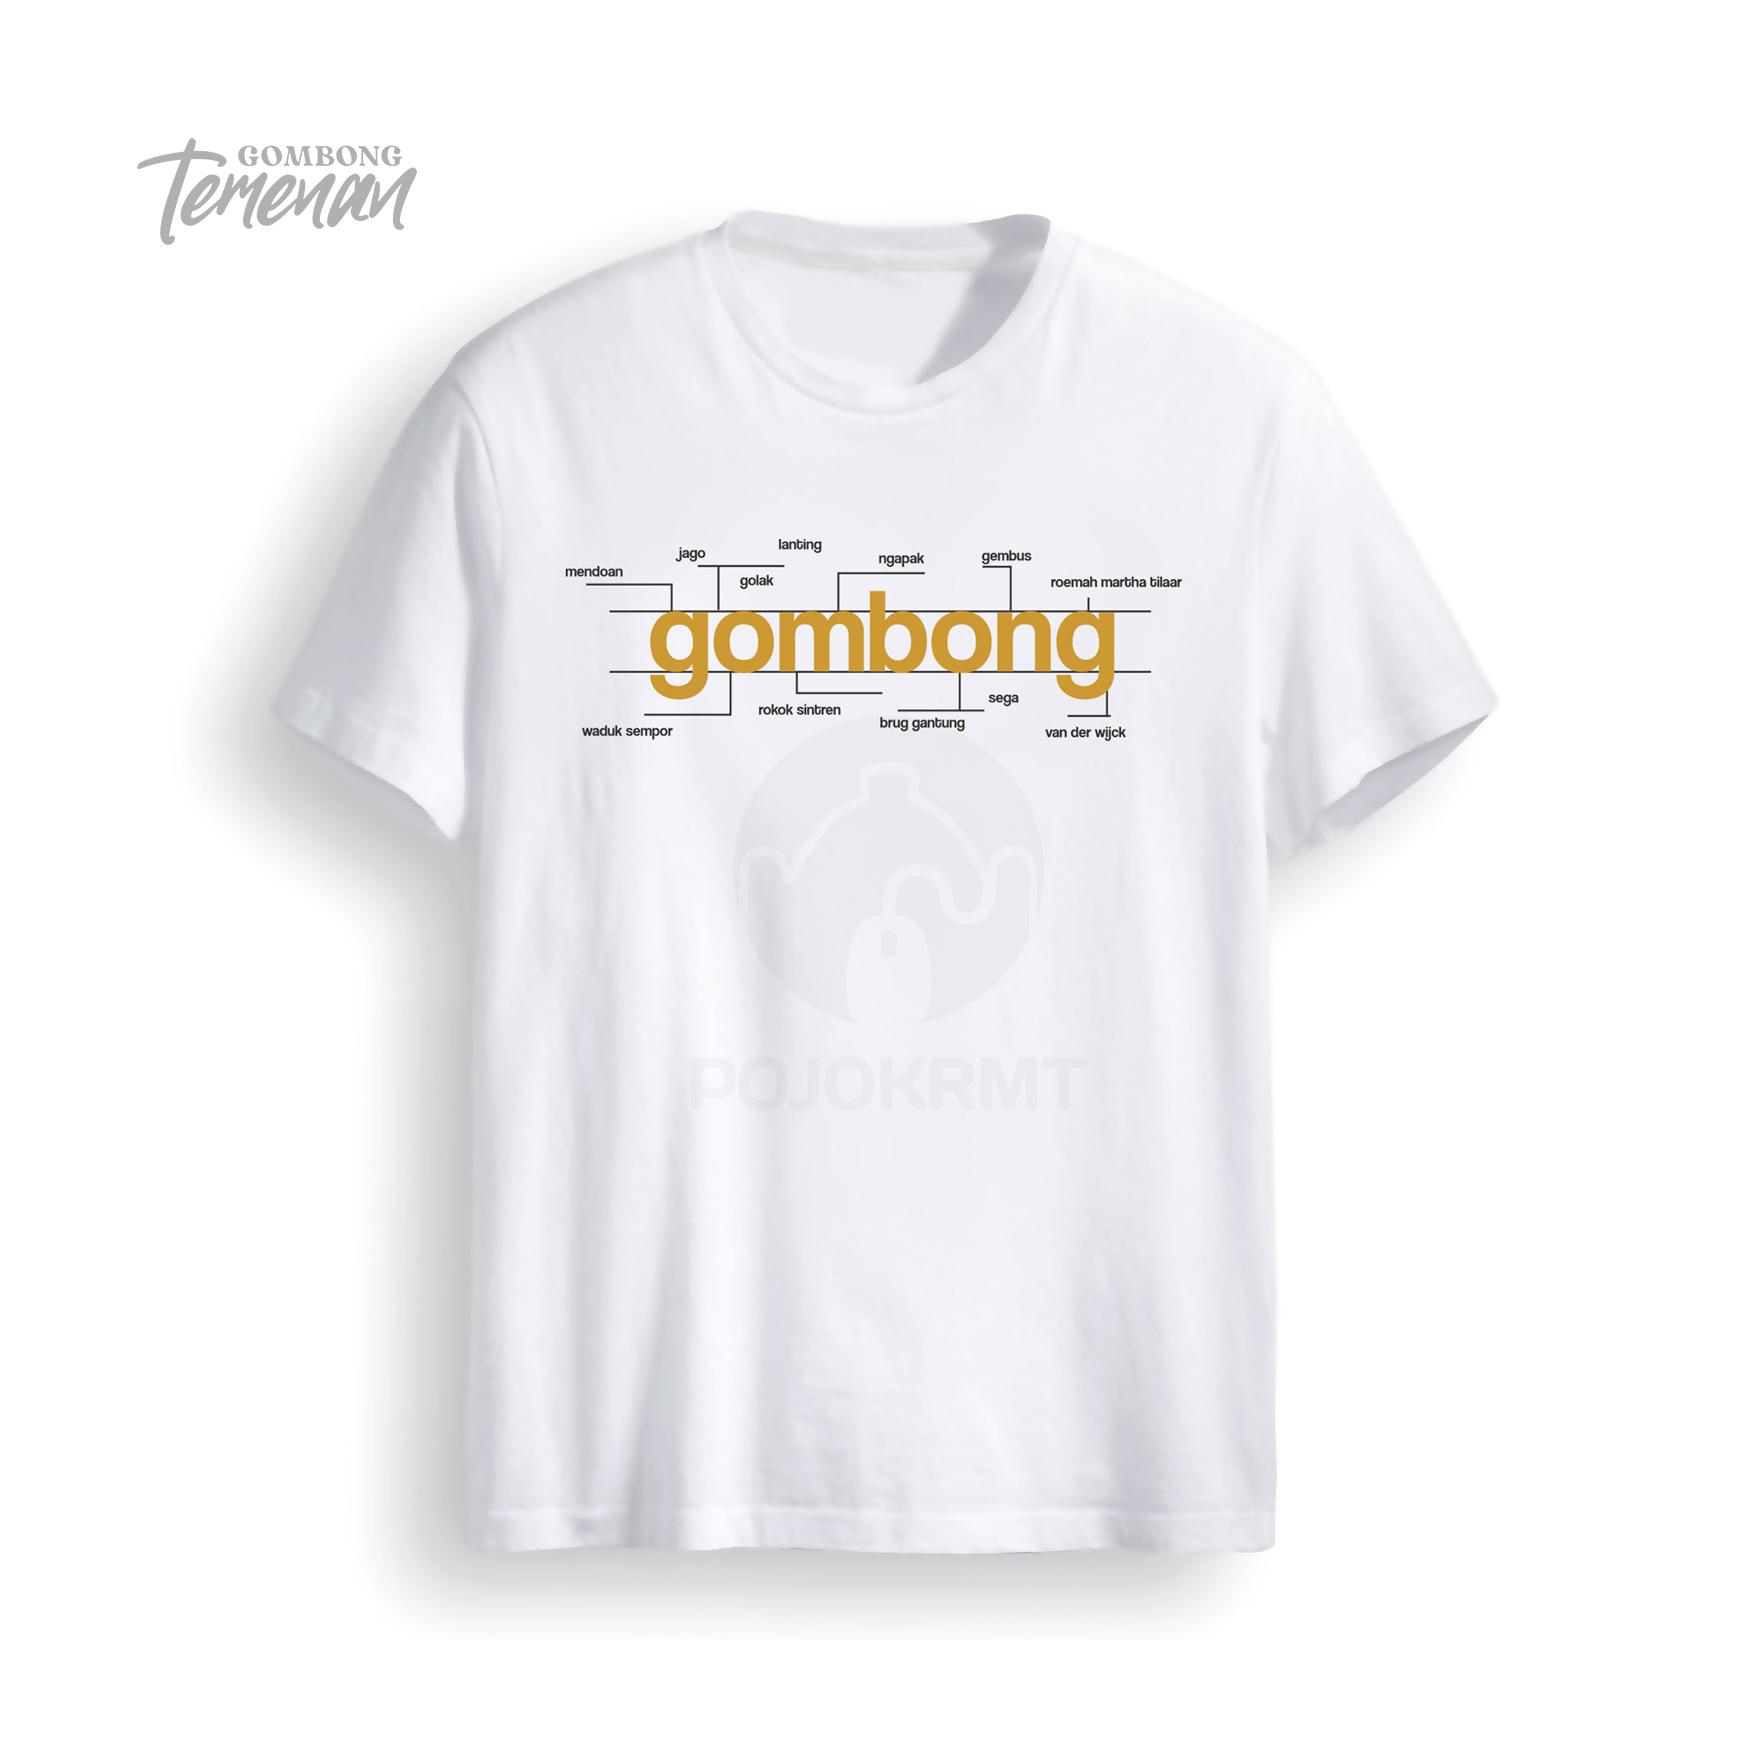 kaos_gombong_002